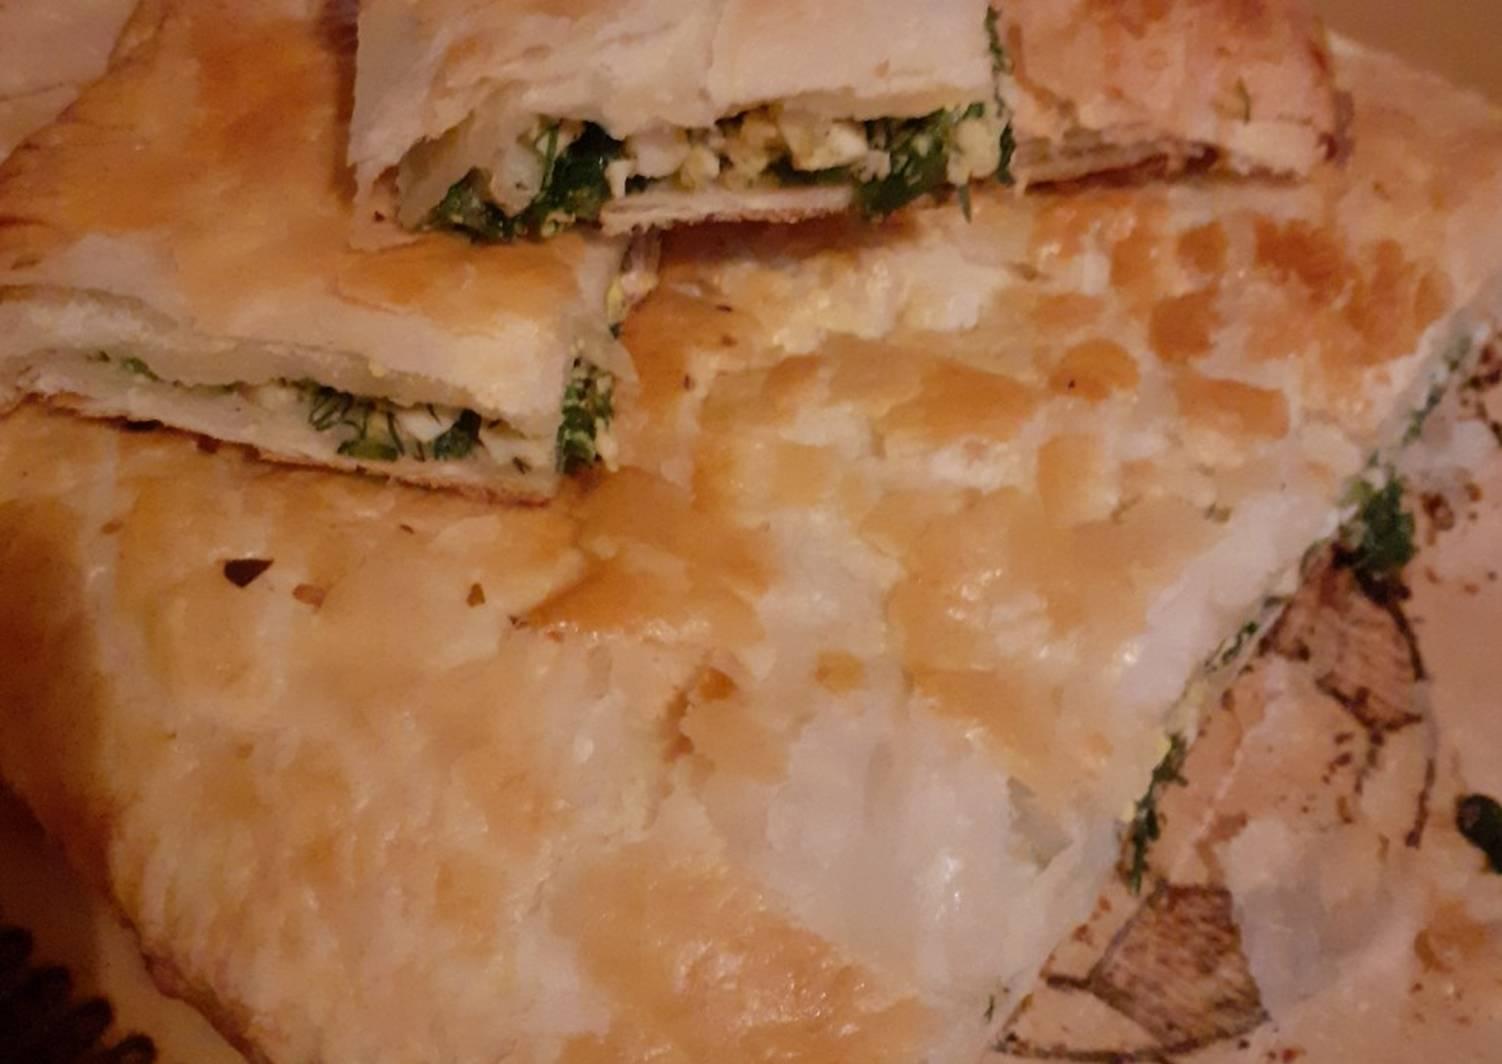 филе сначала слоеный пирог галета рецепт с фото середины готовой